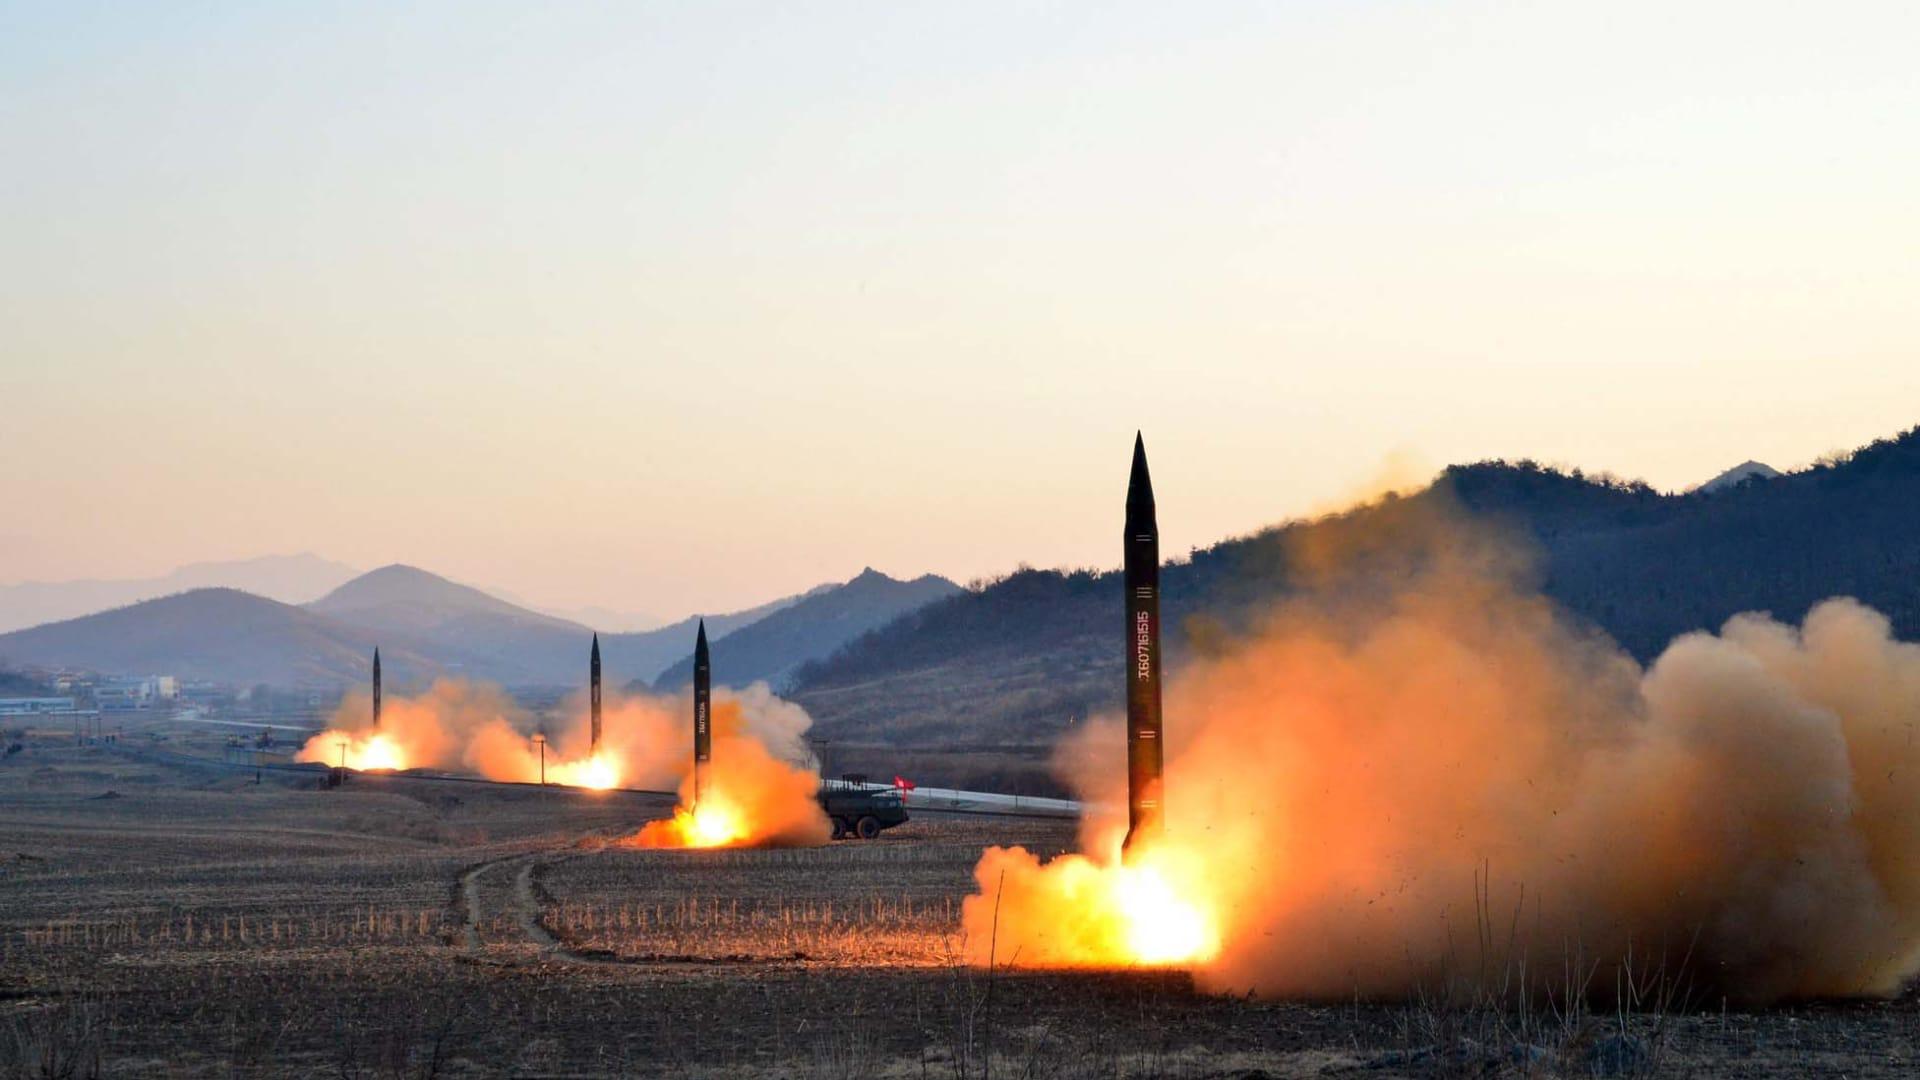 صورة إطلاق صاروخي غير مؤرخة نشرتها وكالة الأنباء المركزية الكورية الشمالية في 7 مارس 2017